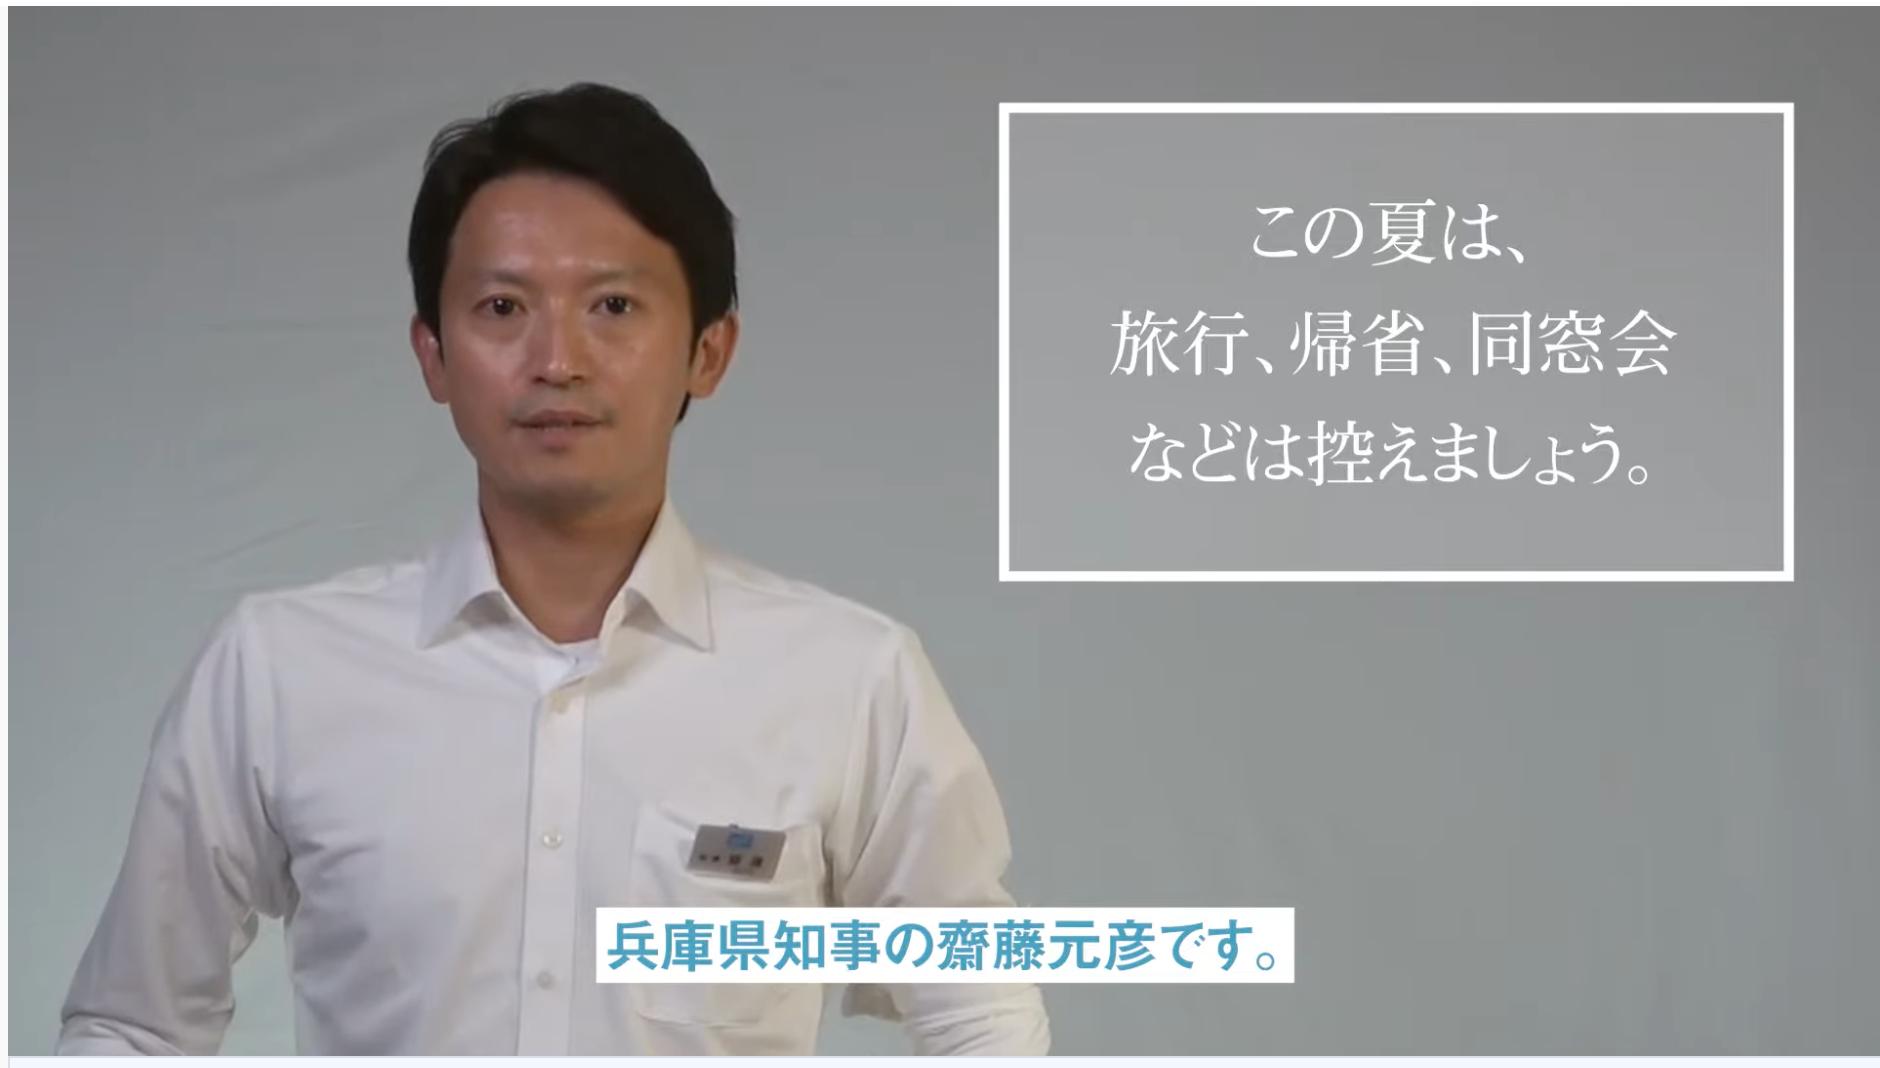 齋藤知事メッセージ2021.8.3